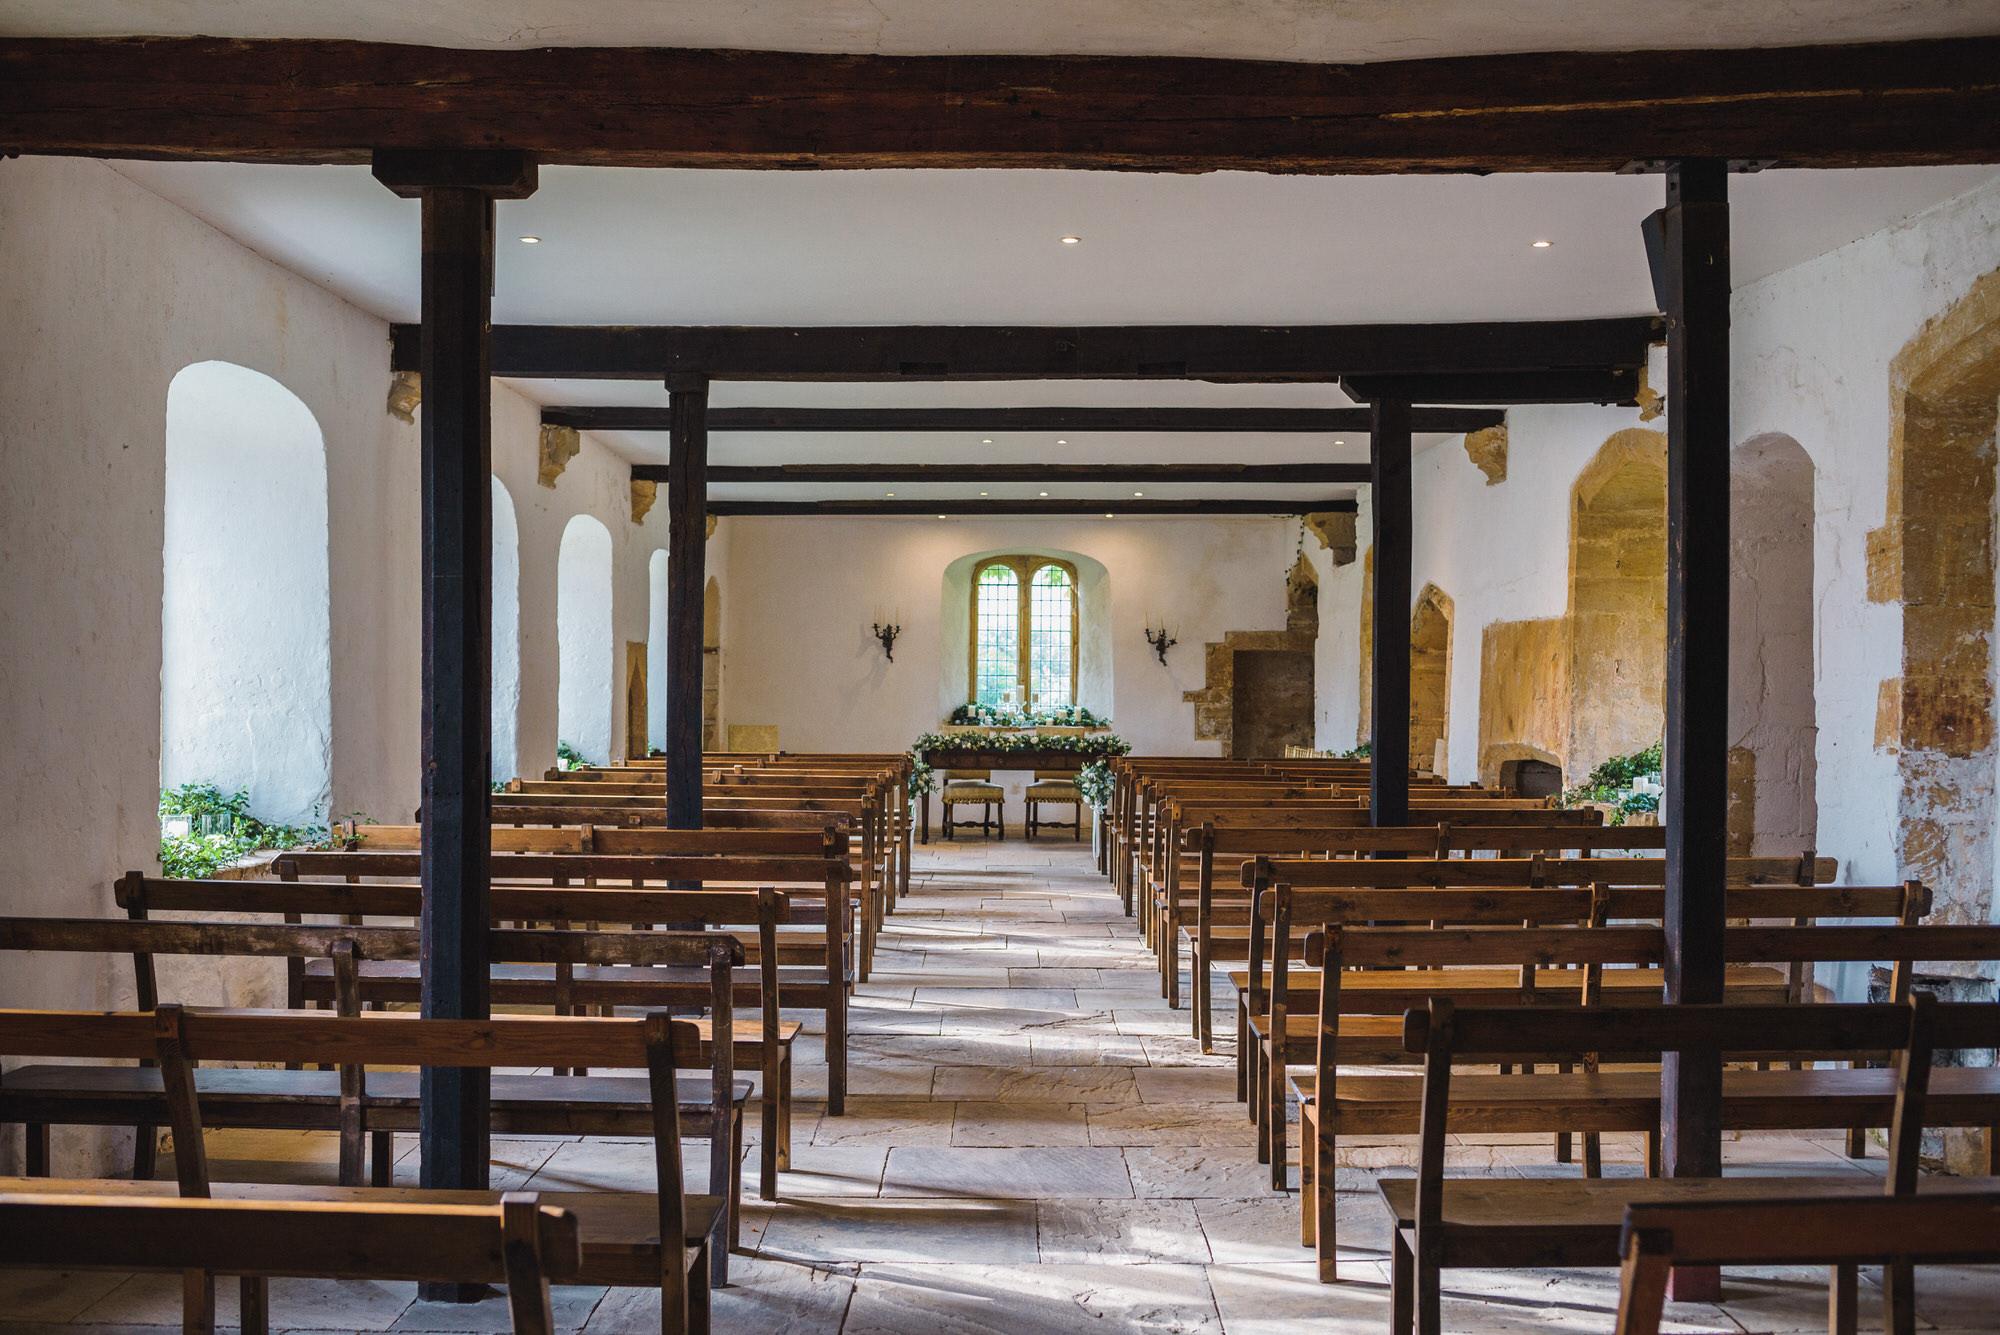 Brympton House Wedding ceremony room